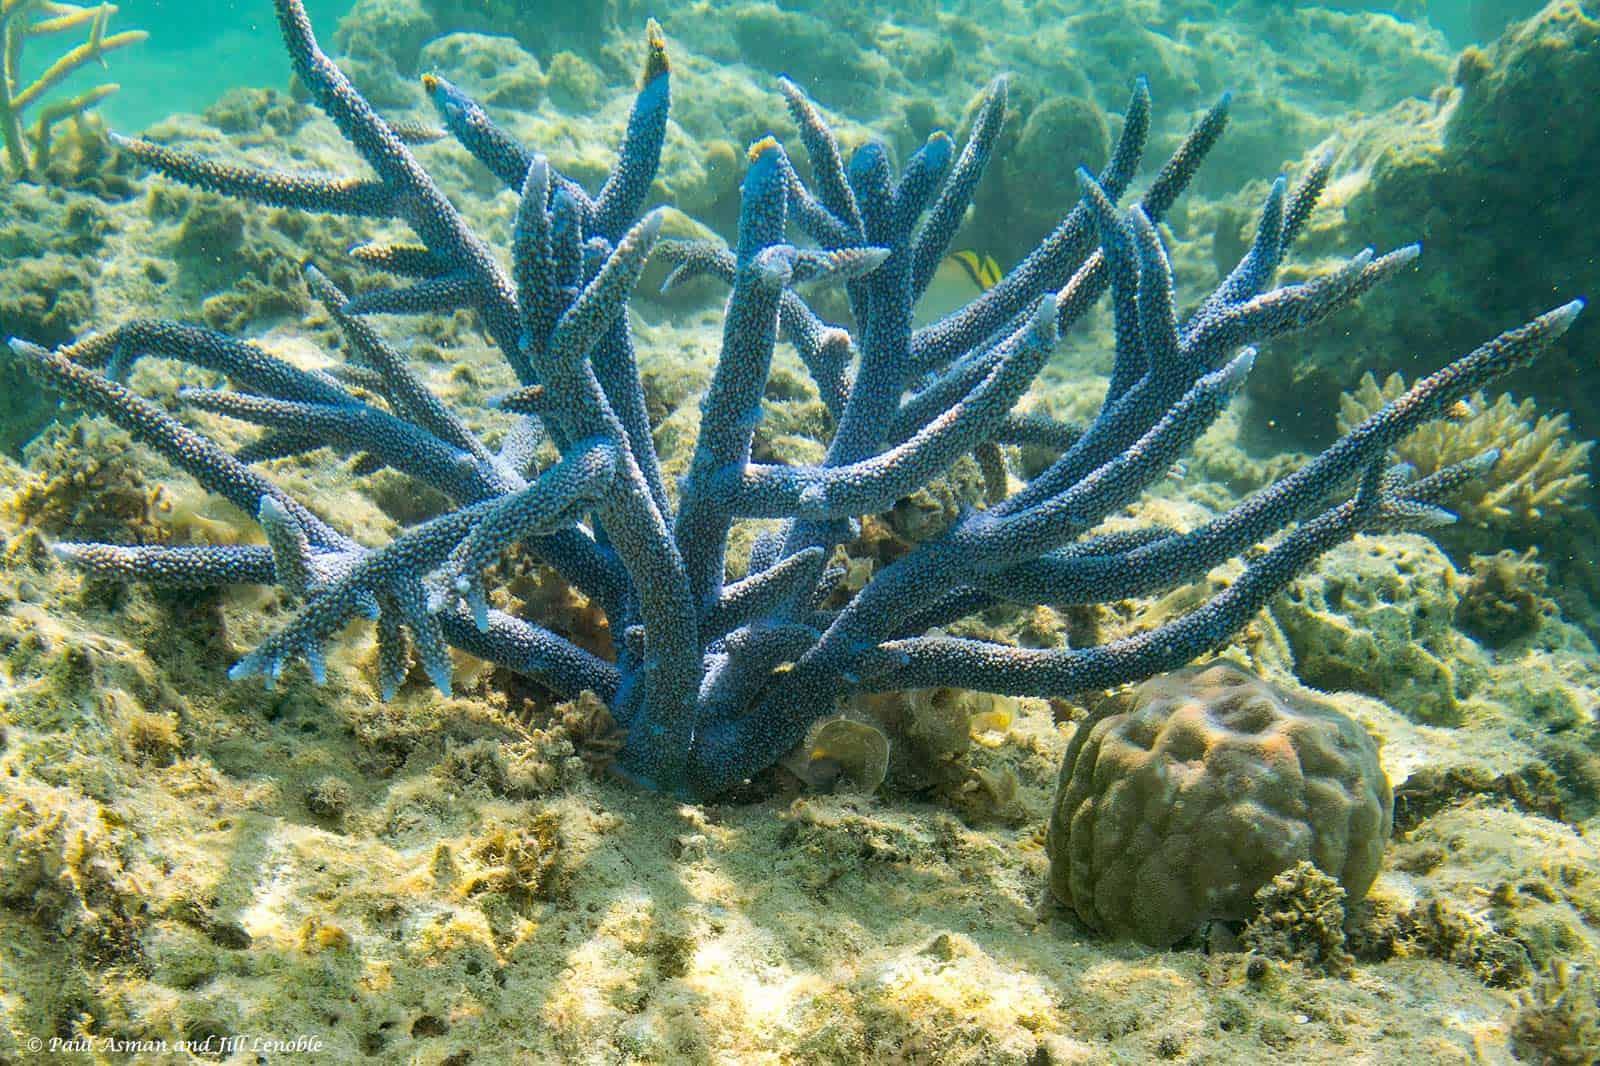 Kleinpoliepig Steenkoraal SPS